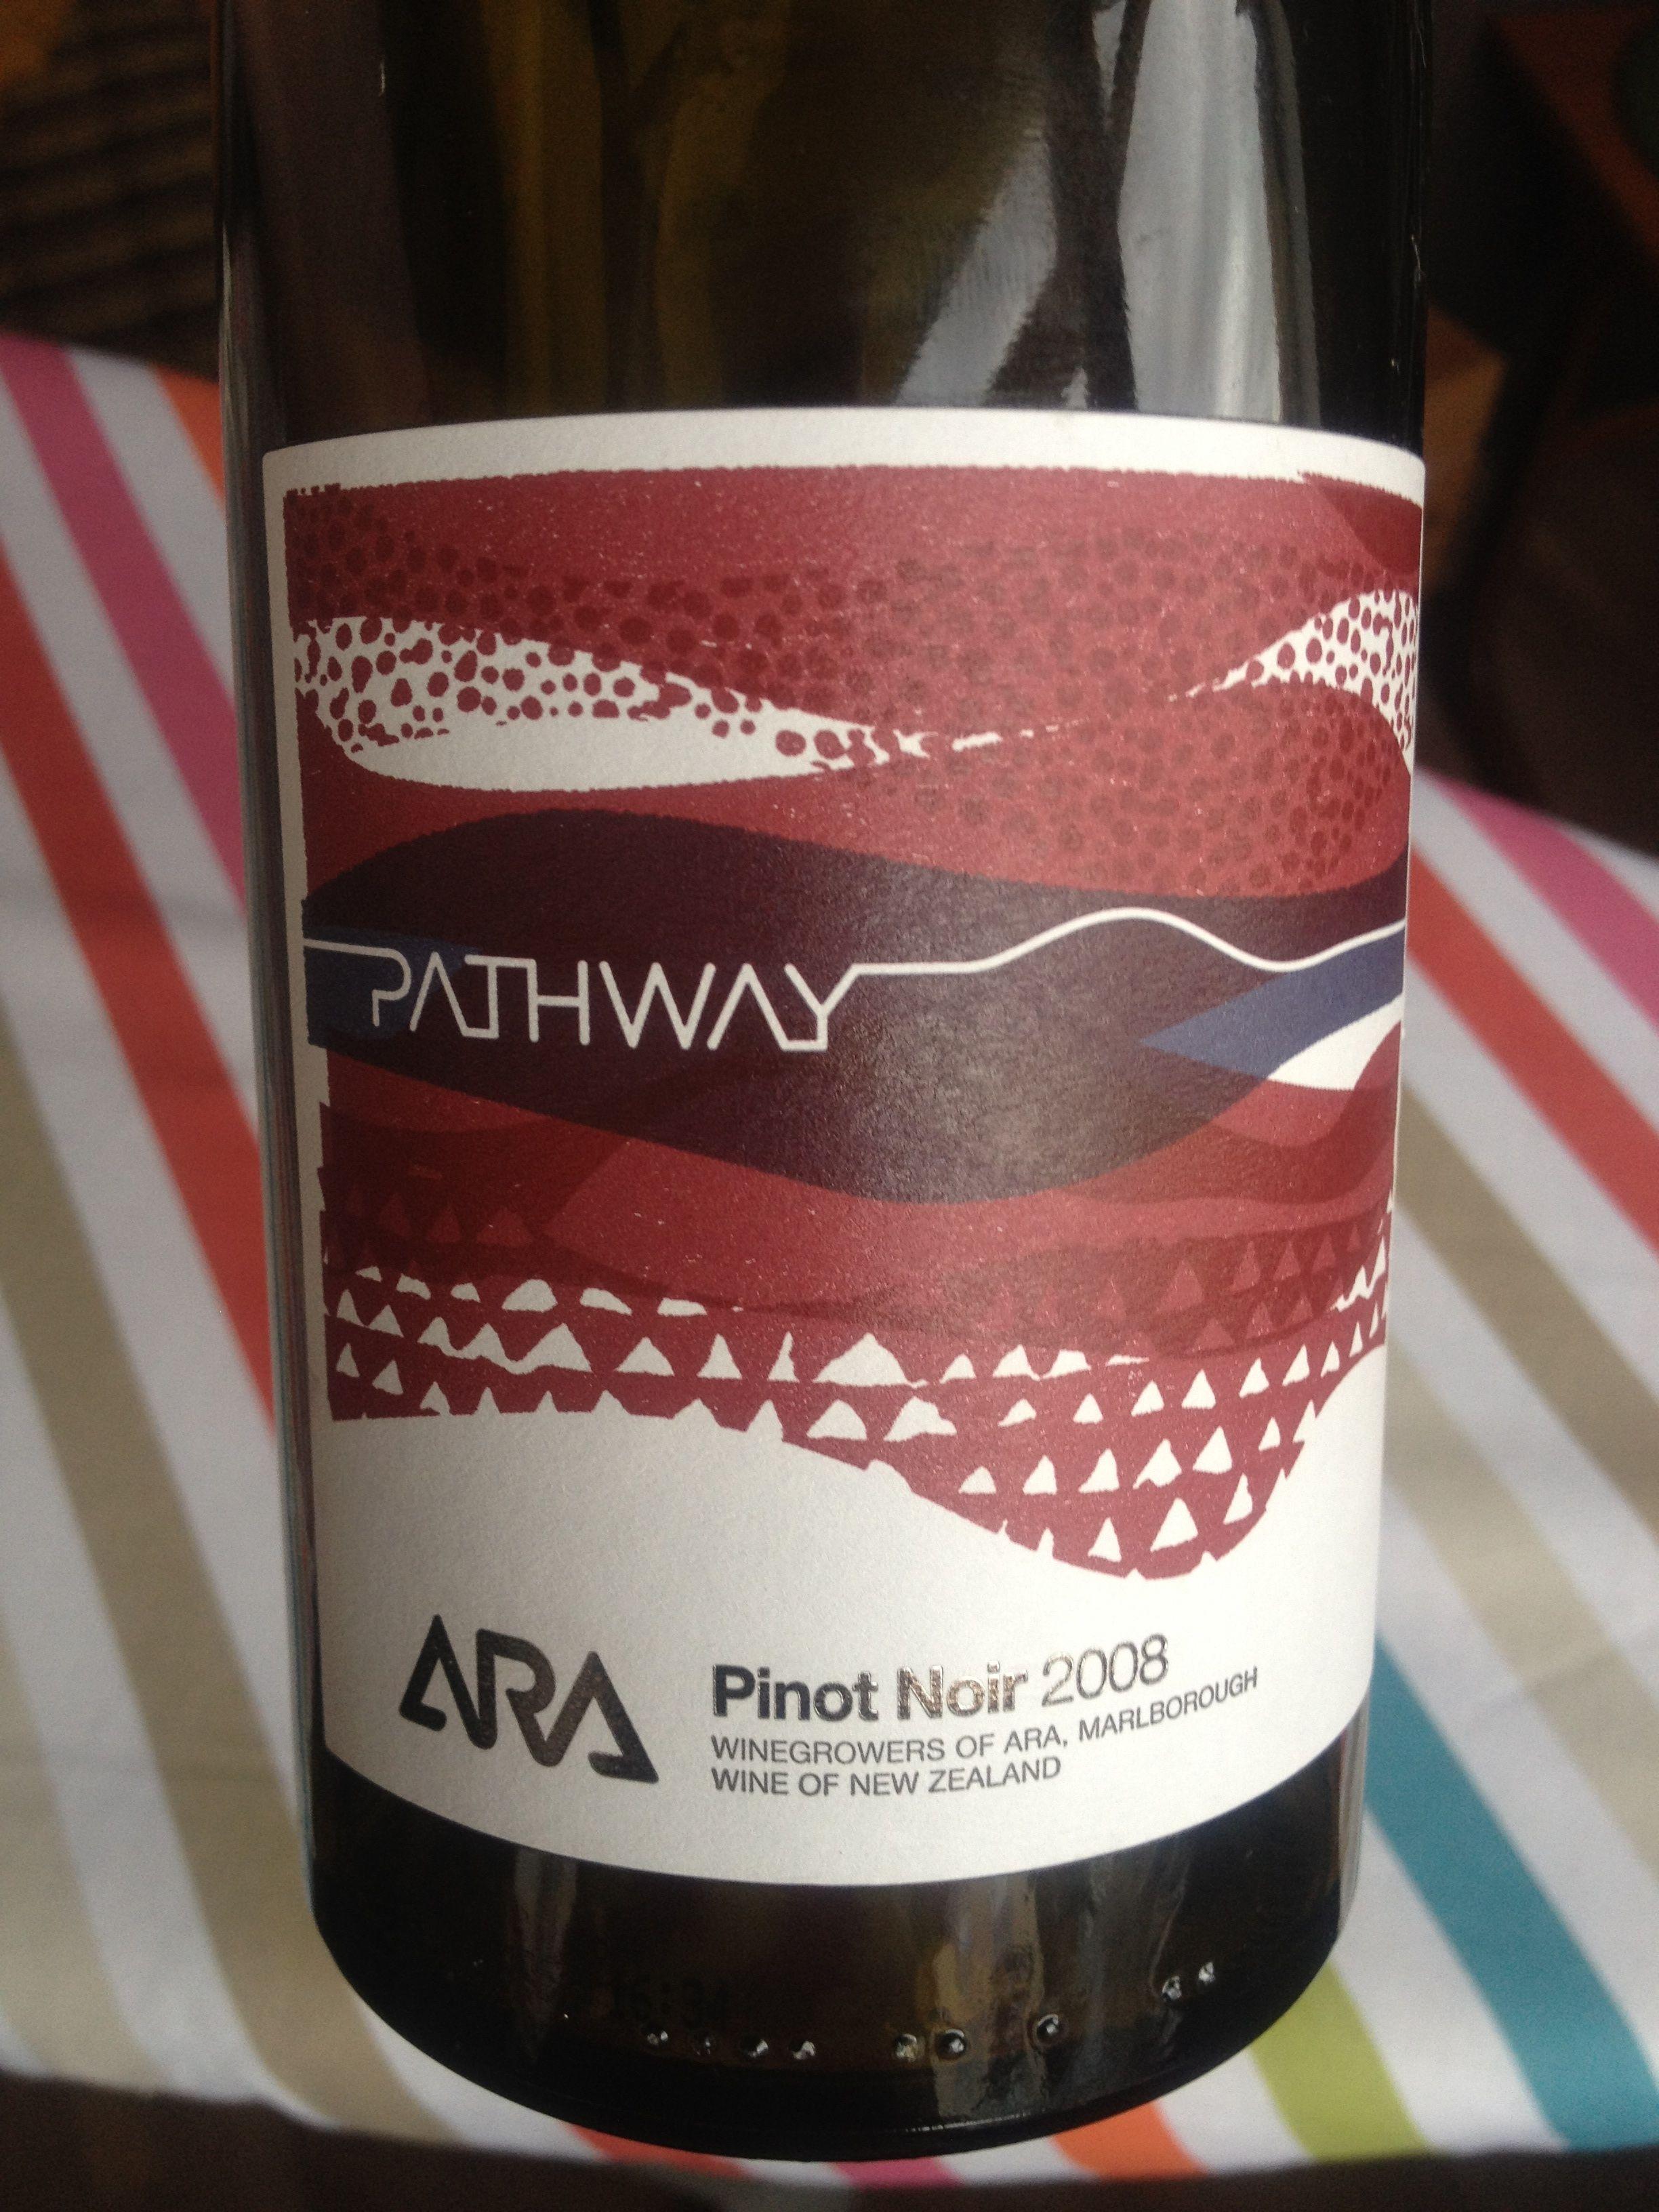 Nz Lovely Wine Wine Packaging Wine Bottle Wine